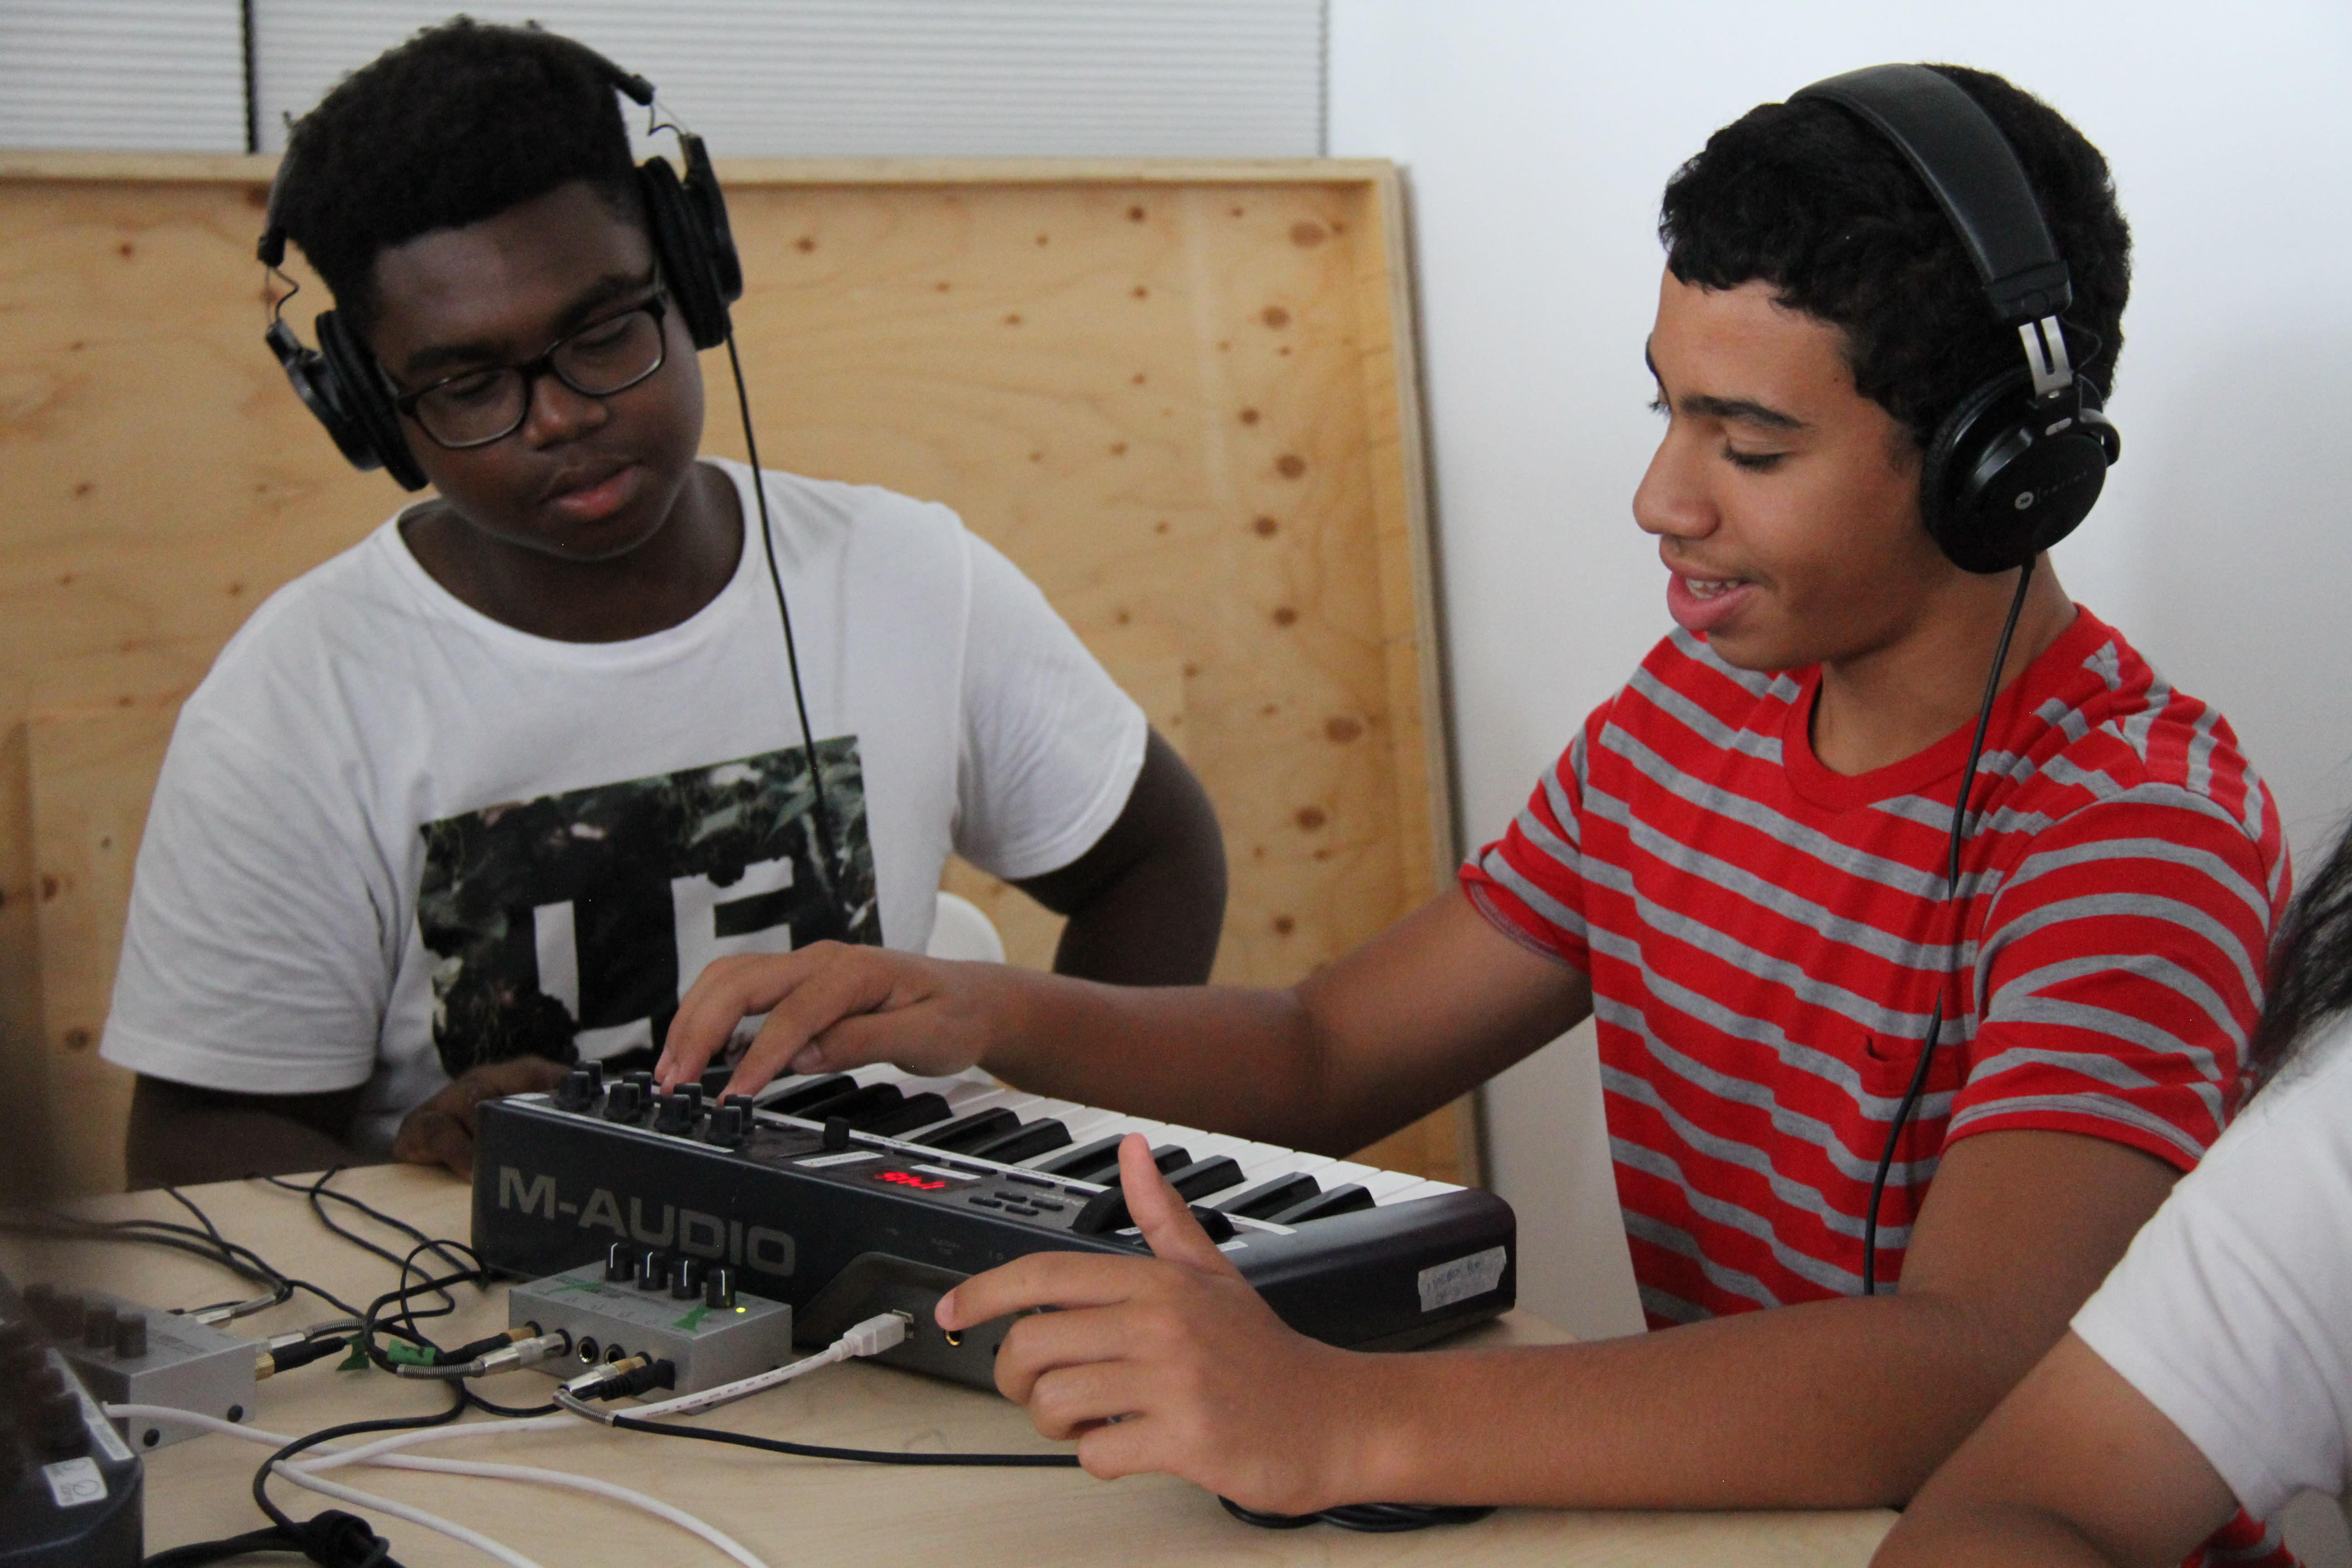 Adolescents expérimentant la création sonore